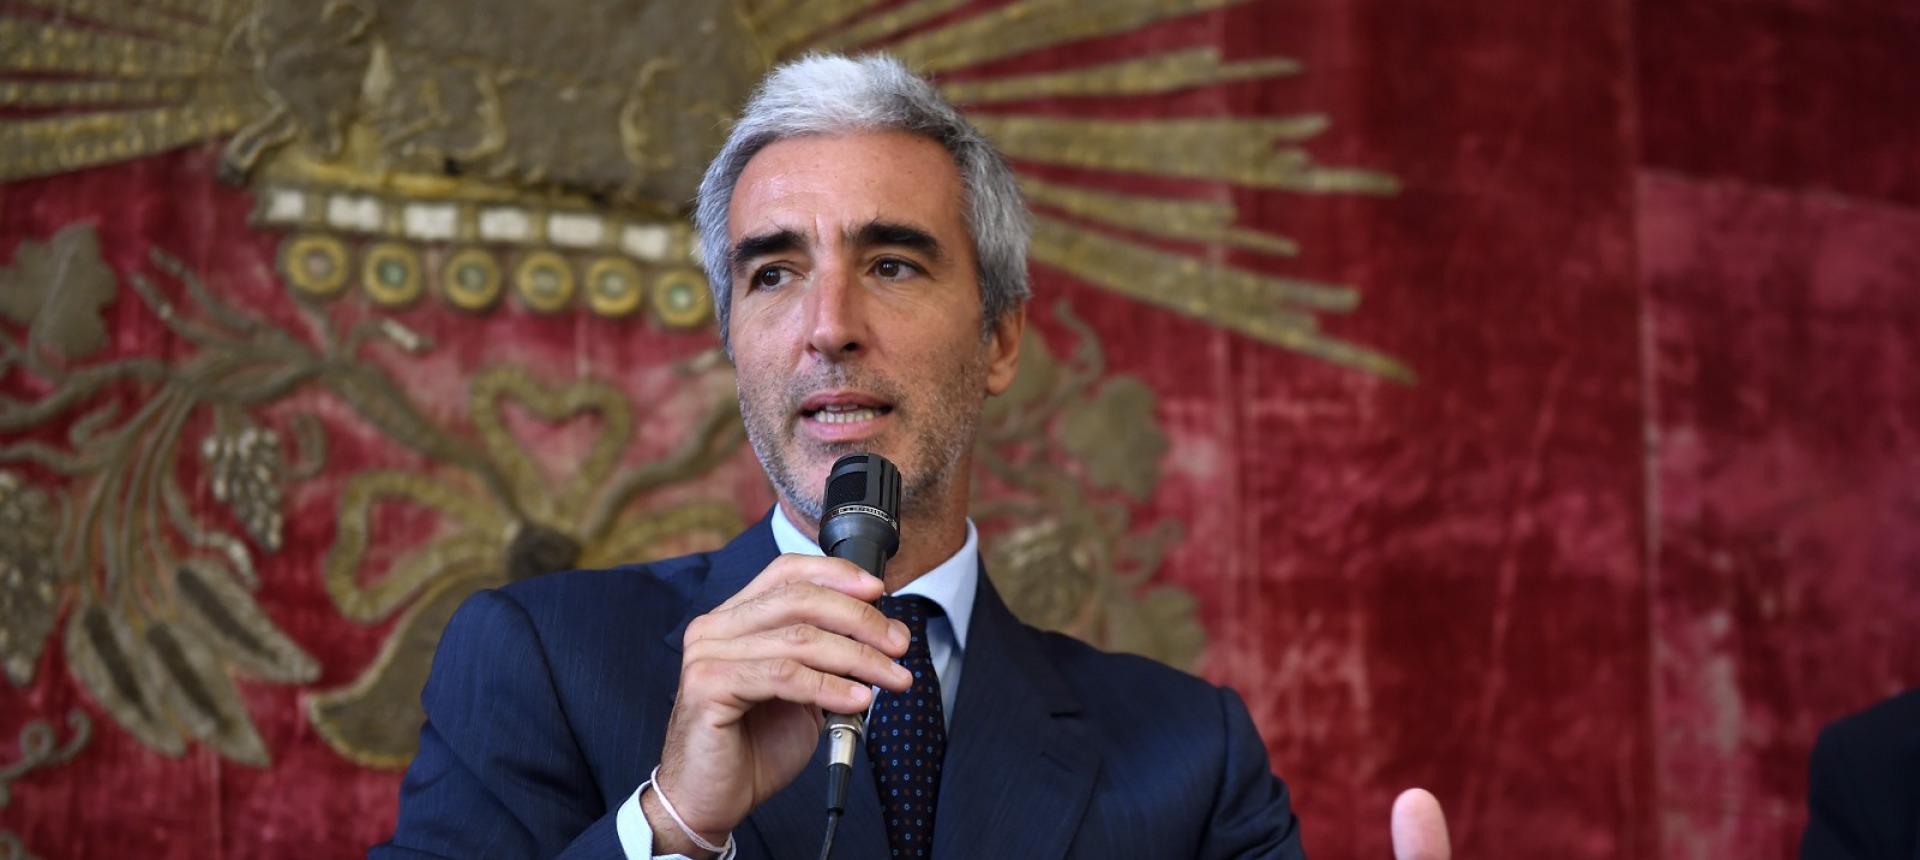 SPORTS CENTER IN TORRETTA: PRESS CONFERENCE FROM DARIO MIRRI TODAY